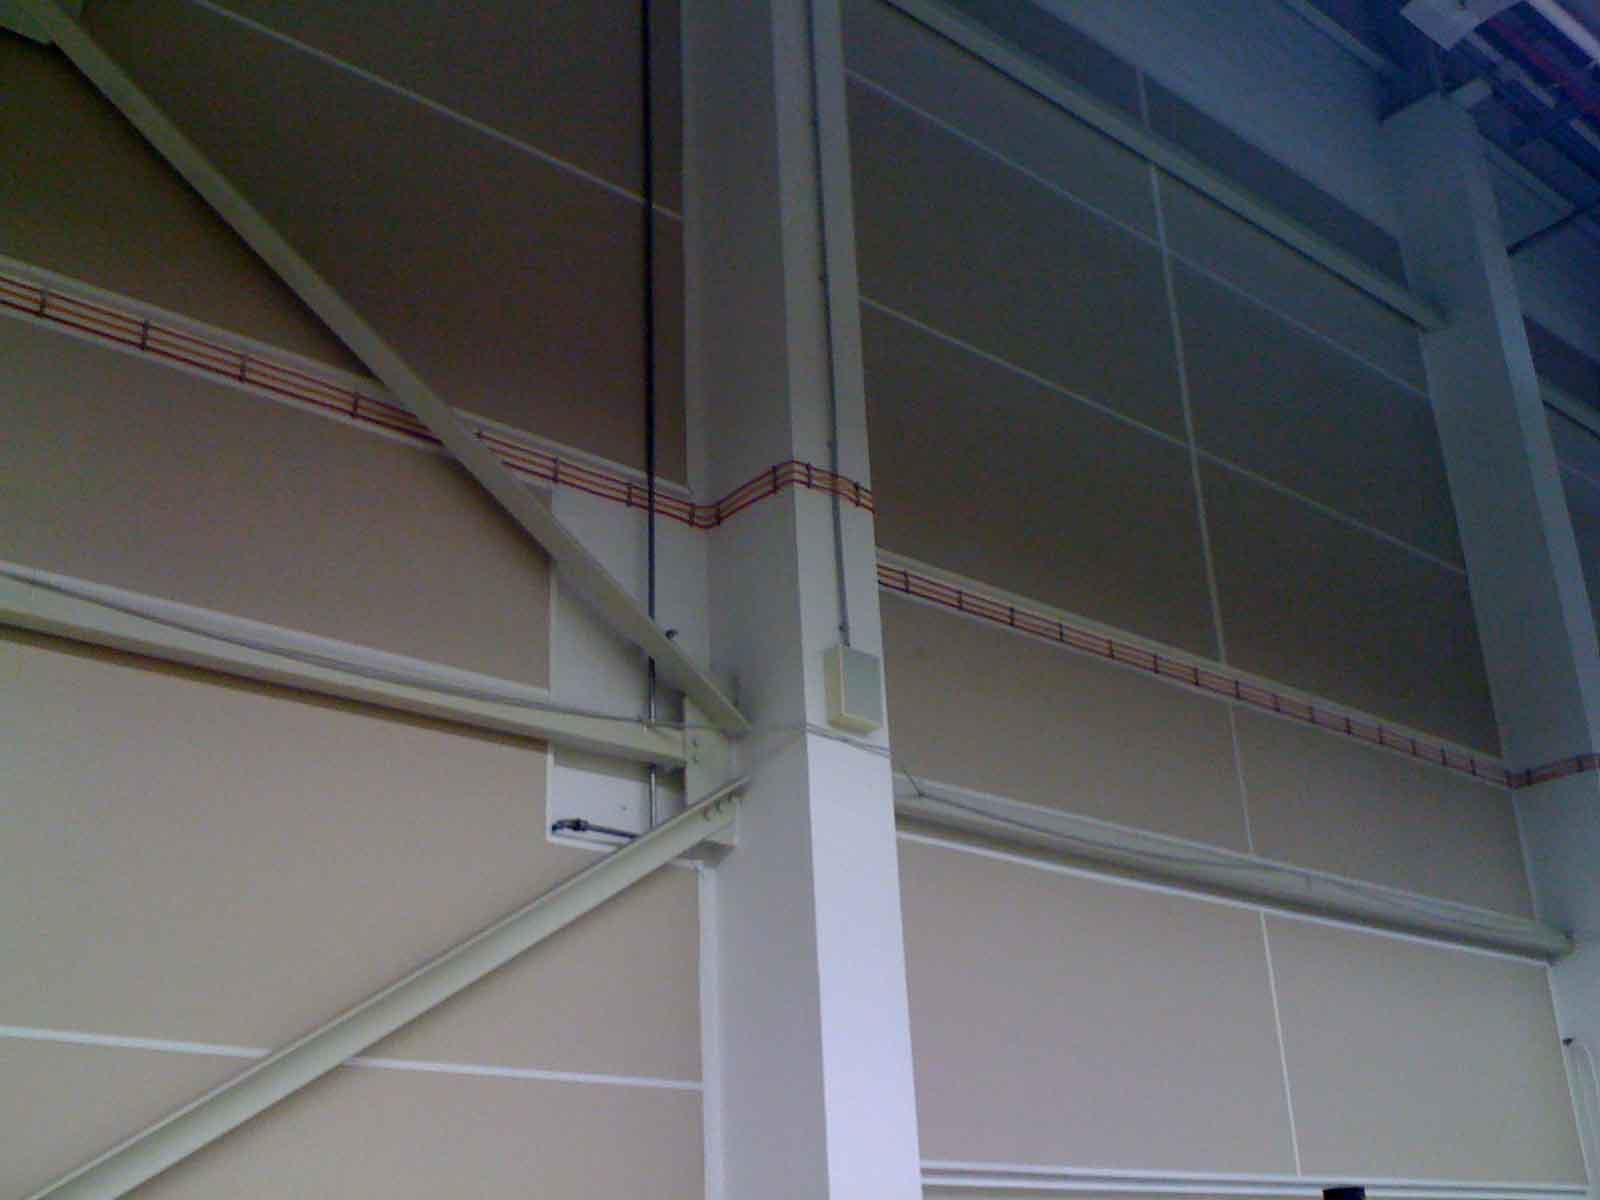 LEGO Manufacturing Nyíregyháza (Gyárcsarnok zajcsökkentés) - Teremakusztikai tervezés (2010-2012)